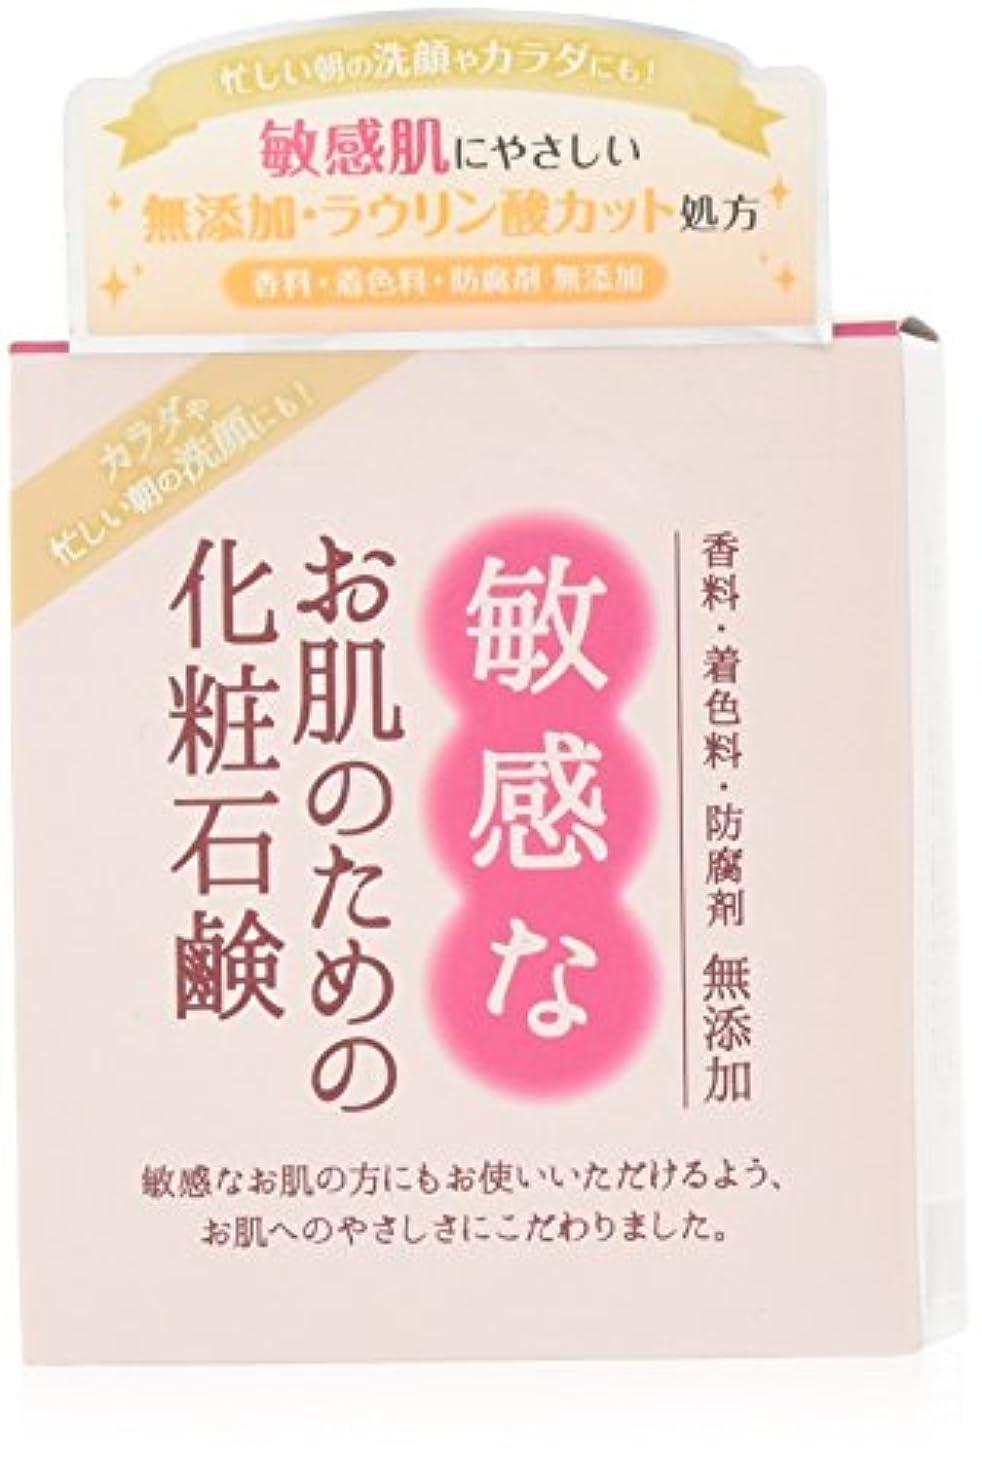 アシストそれるサロン敏感なお肌のための化粧石鹸 100g CBH-S